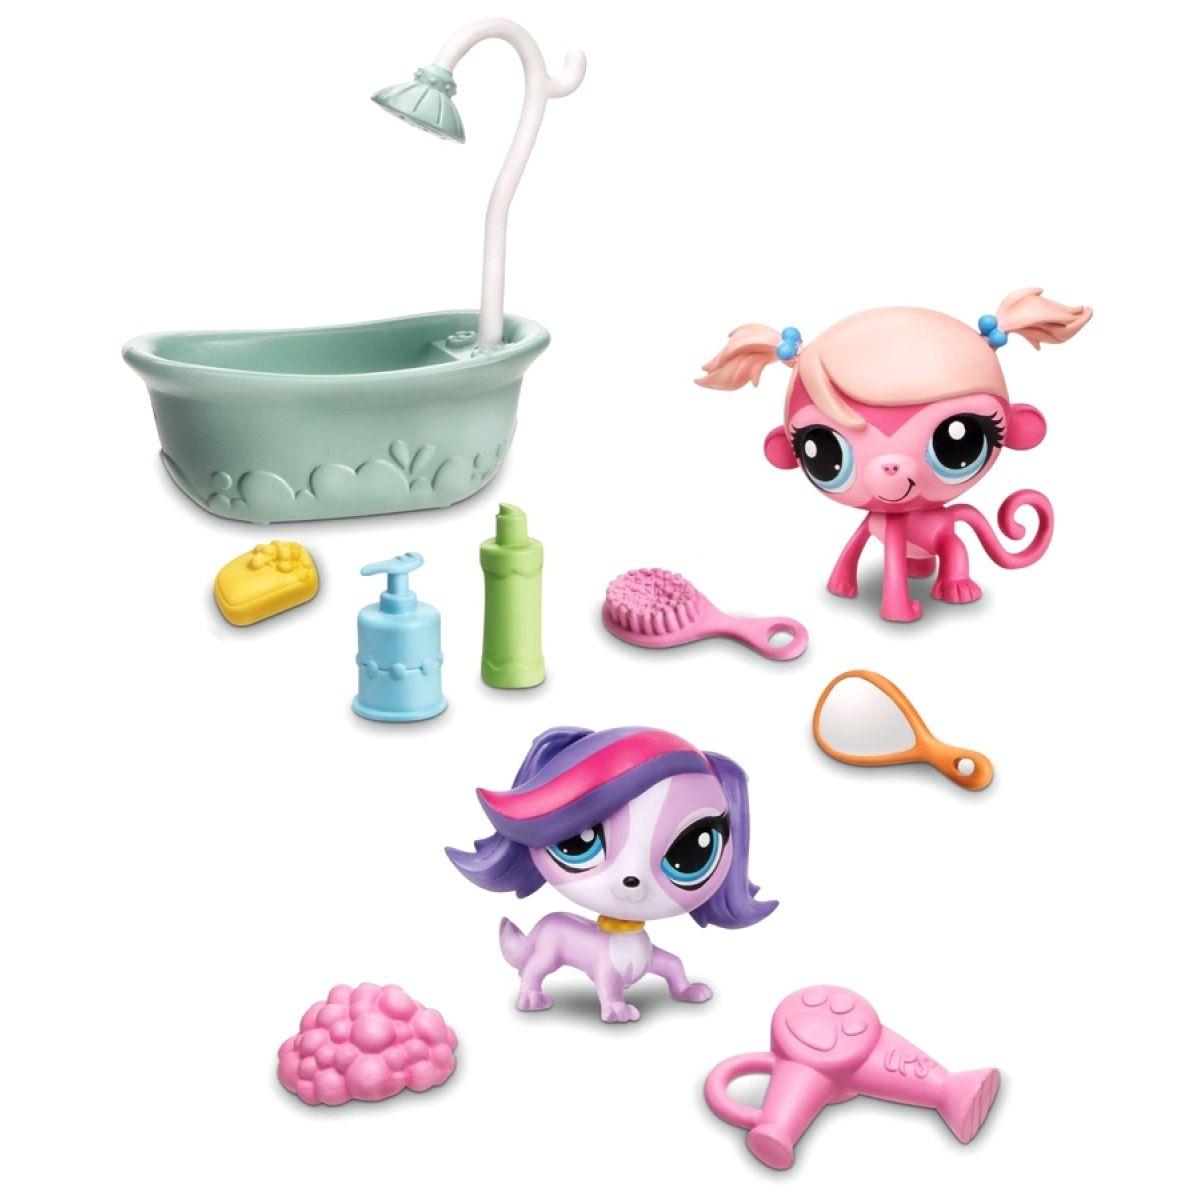 Littlest Pet Shop 4 zvířátka s doplňky v přenosném balení - Gettin' Glam